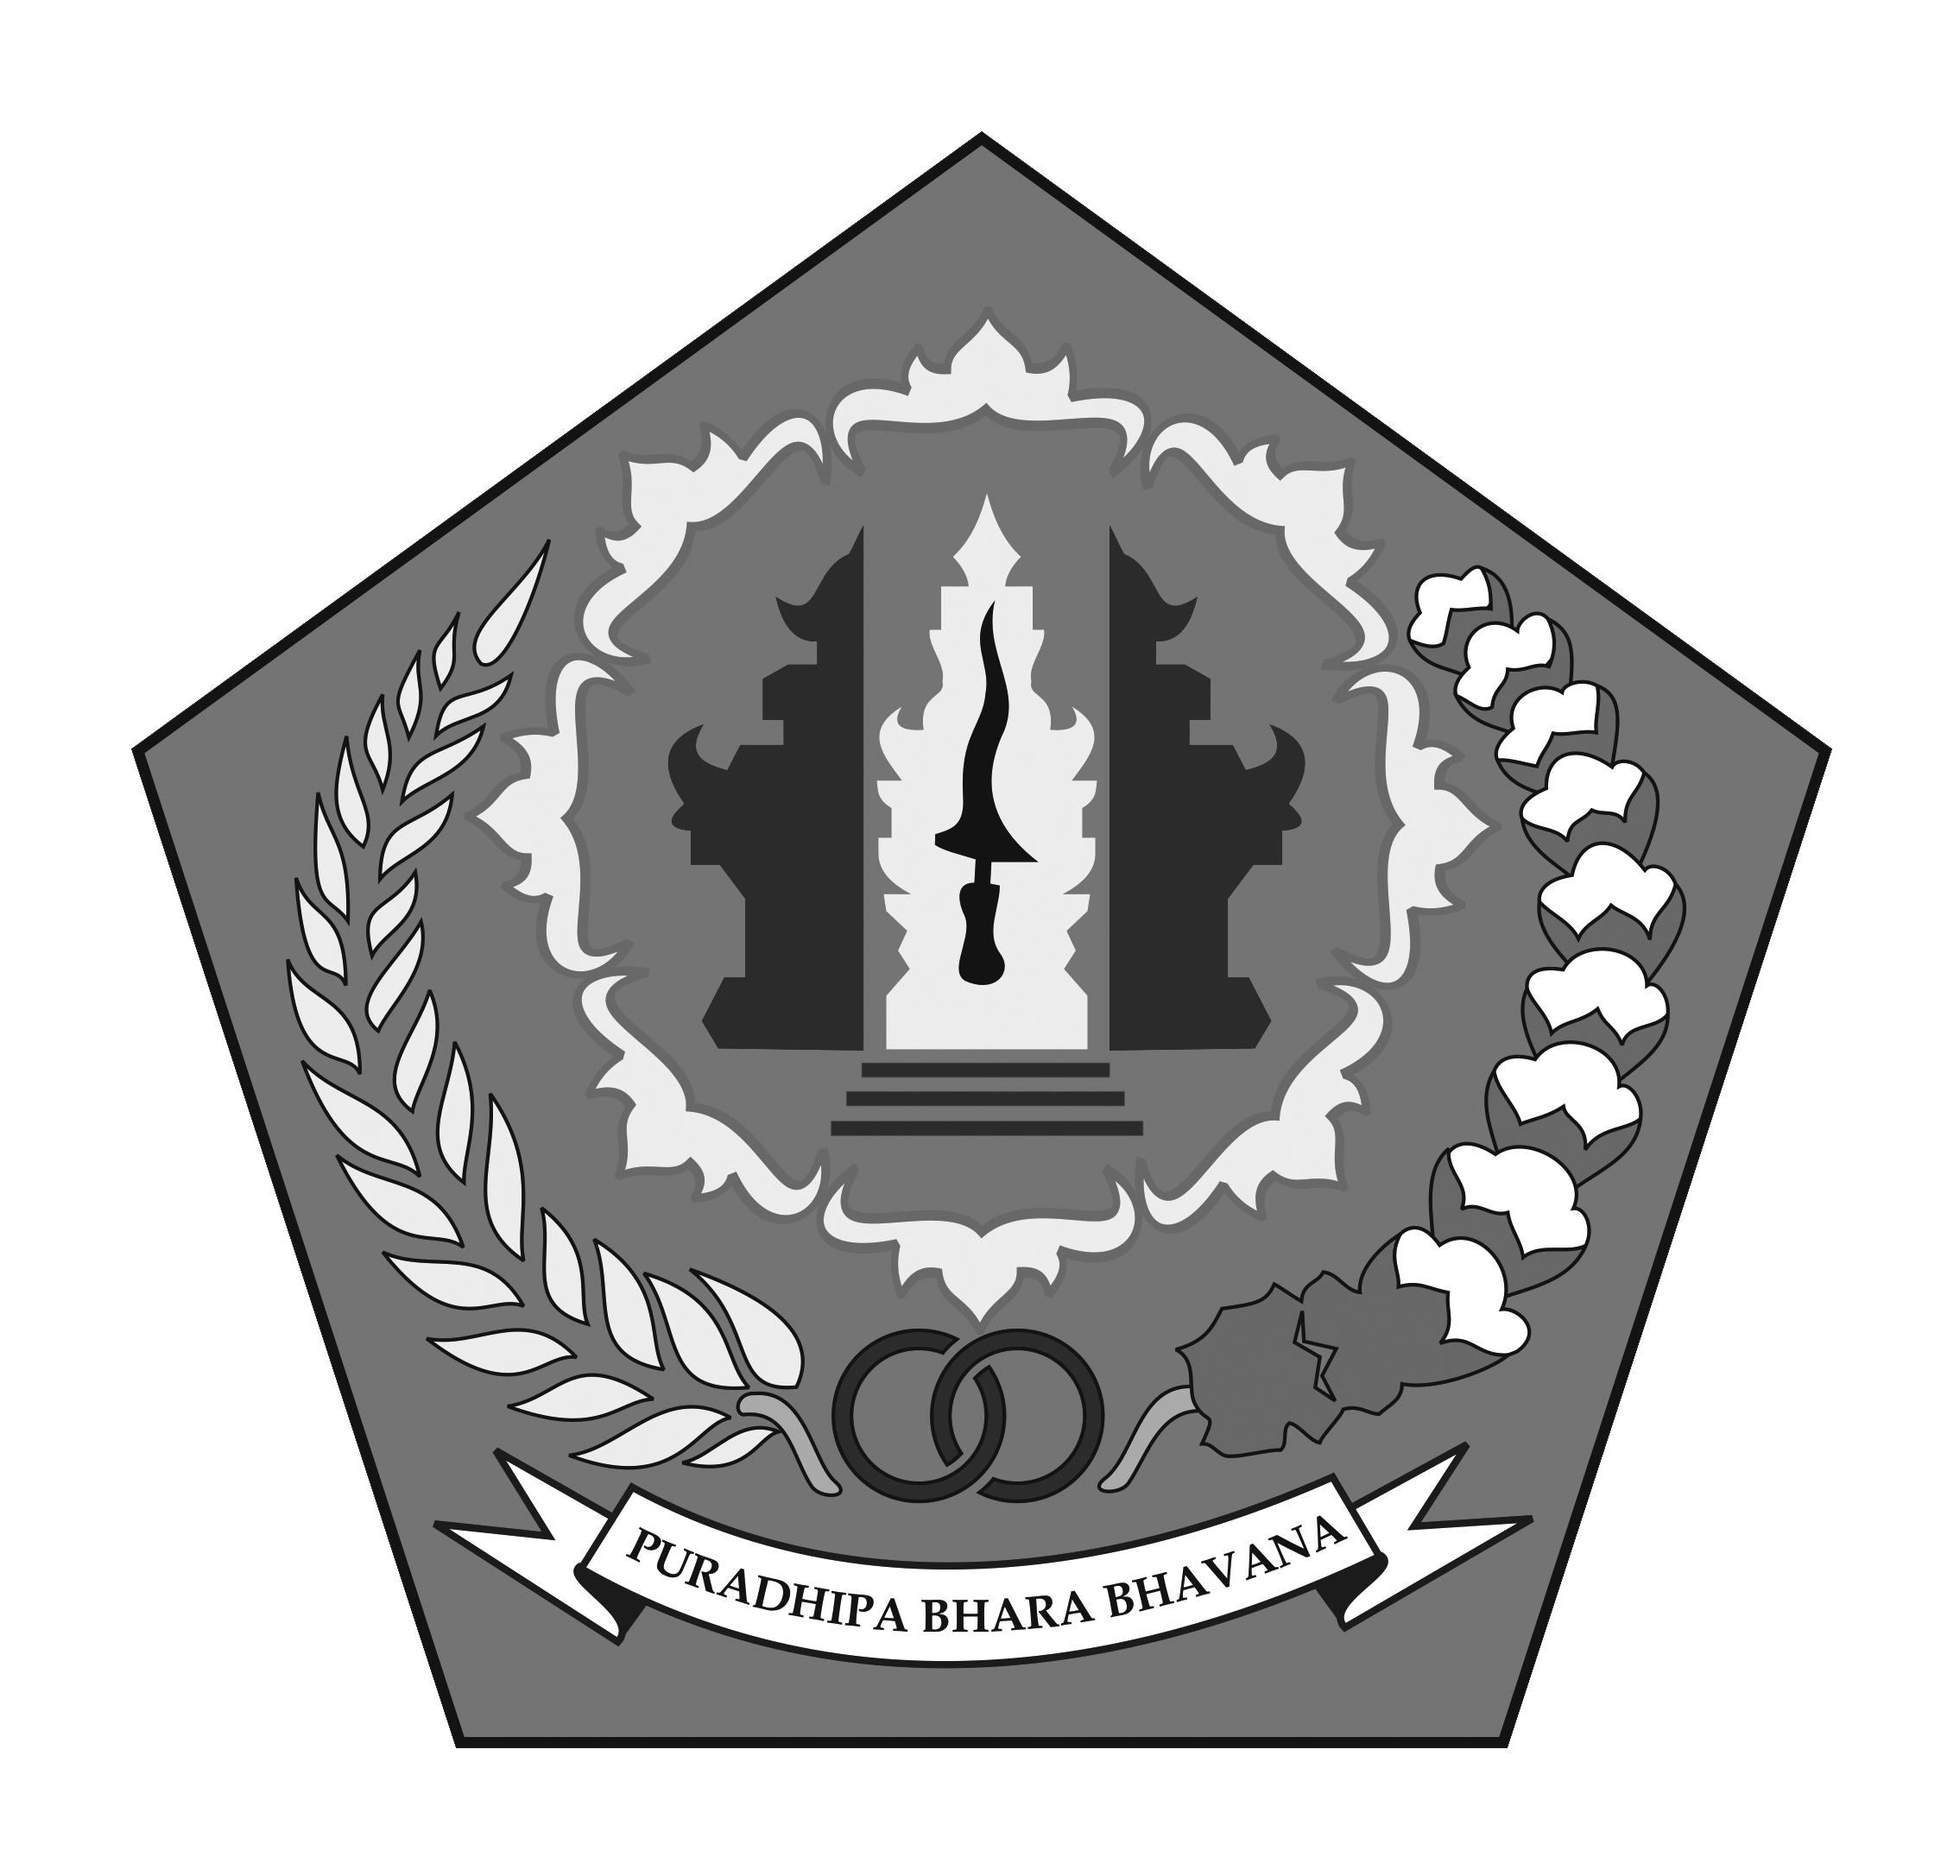 Logo Kota Denpasar (Ibu Kota Provinsi Bali) Original Grayscale